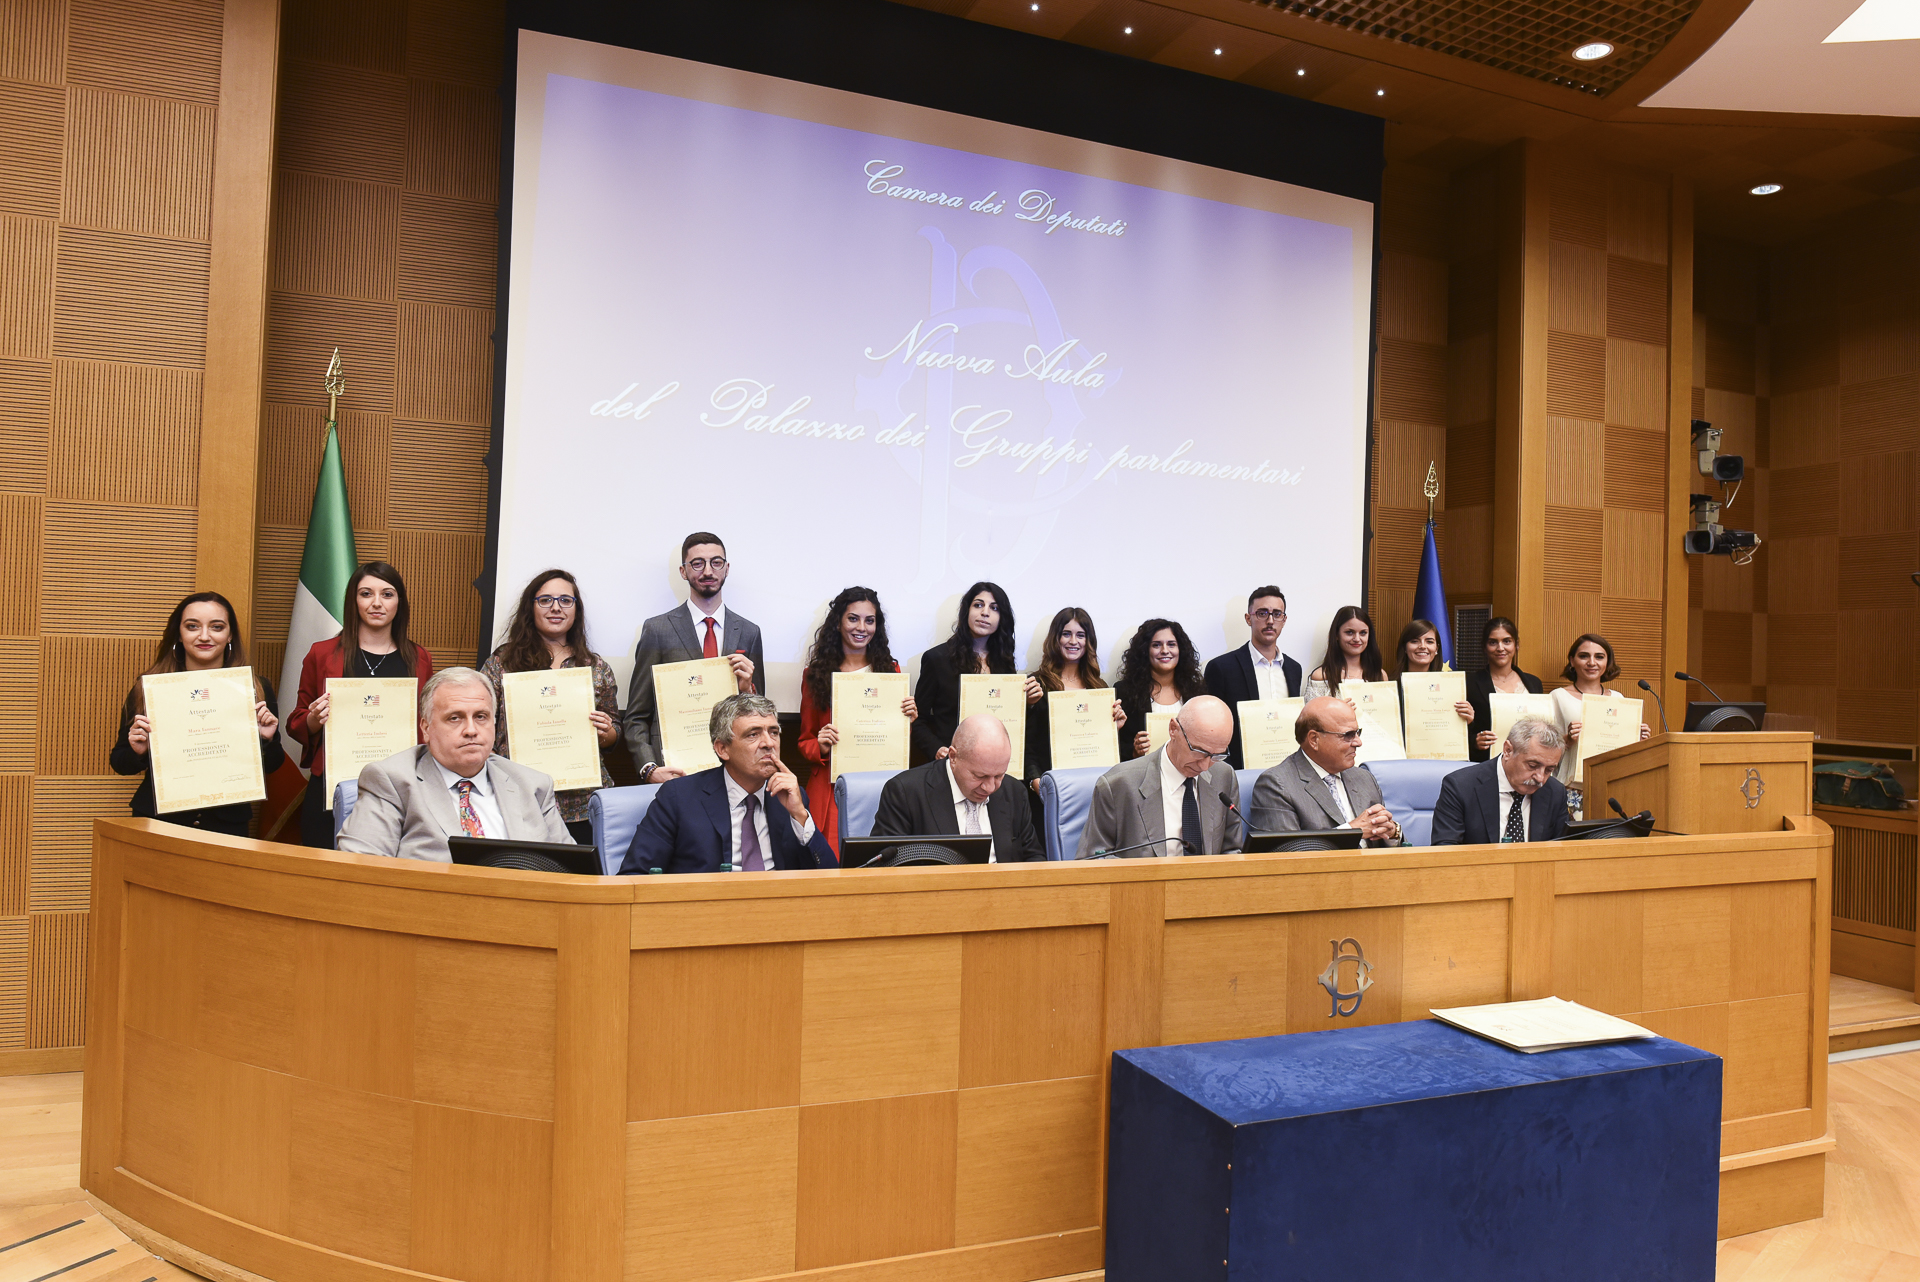 Premiati 217 studenti alla Camera dei Deputati: 9 sono originari del Messinese